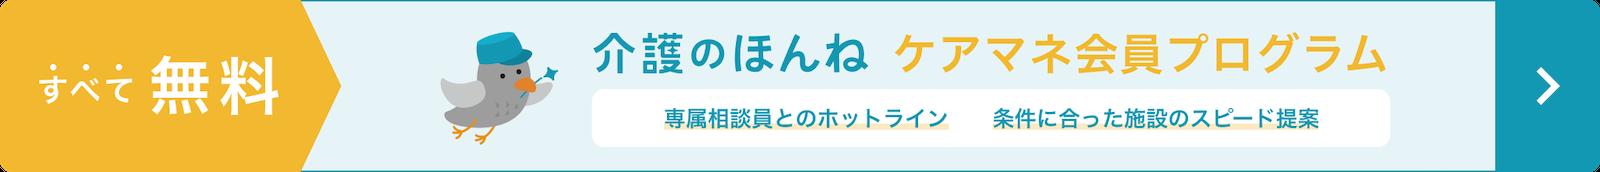 ケアマネ会員プログラム